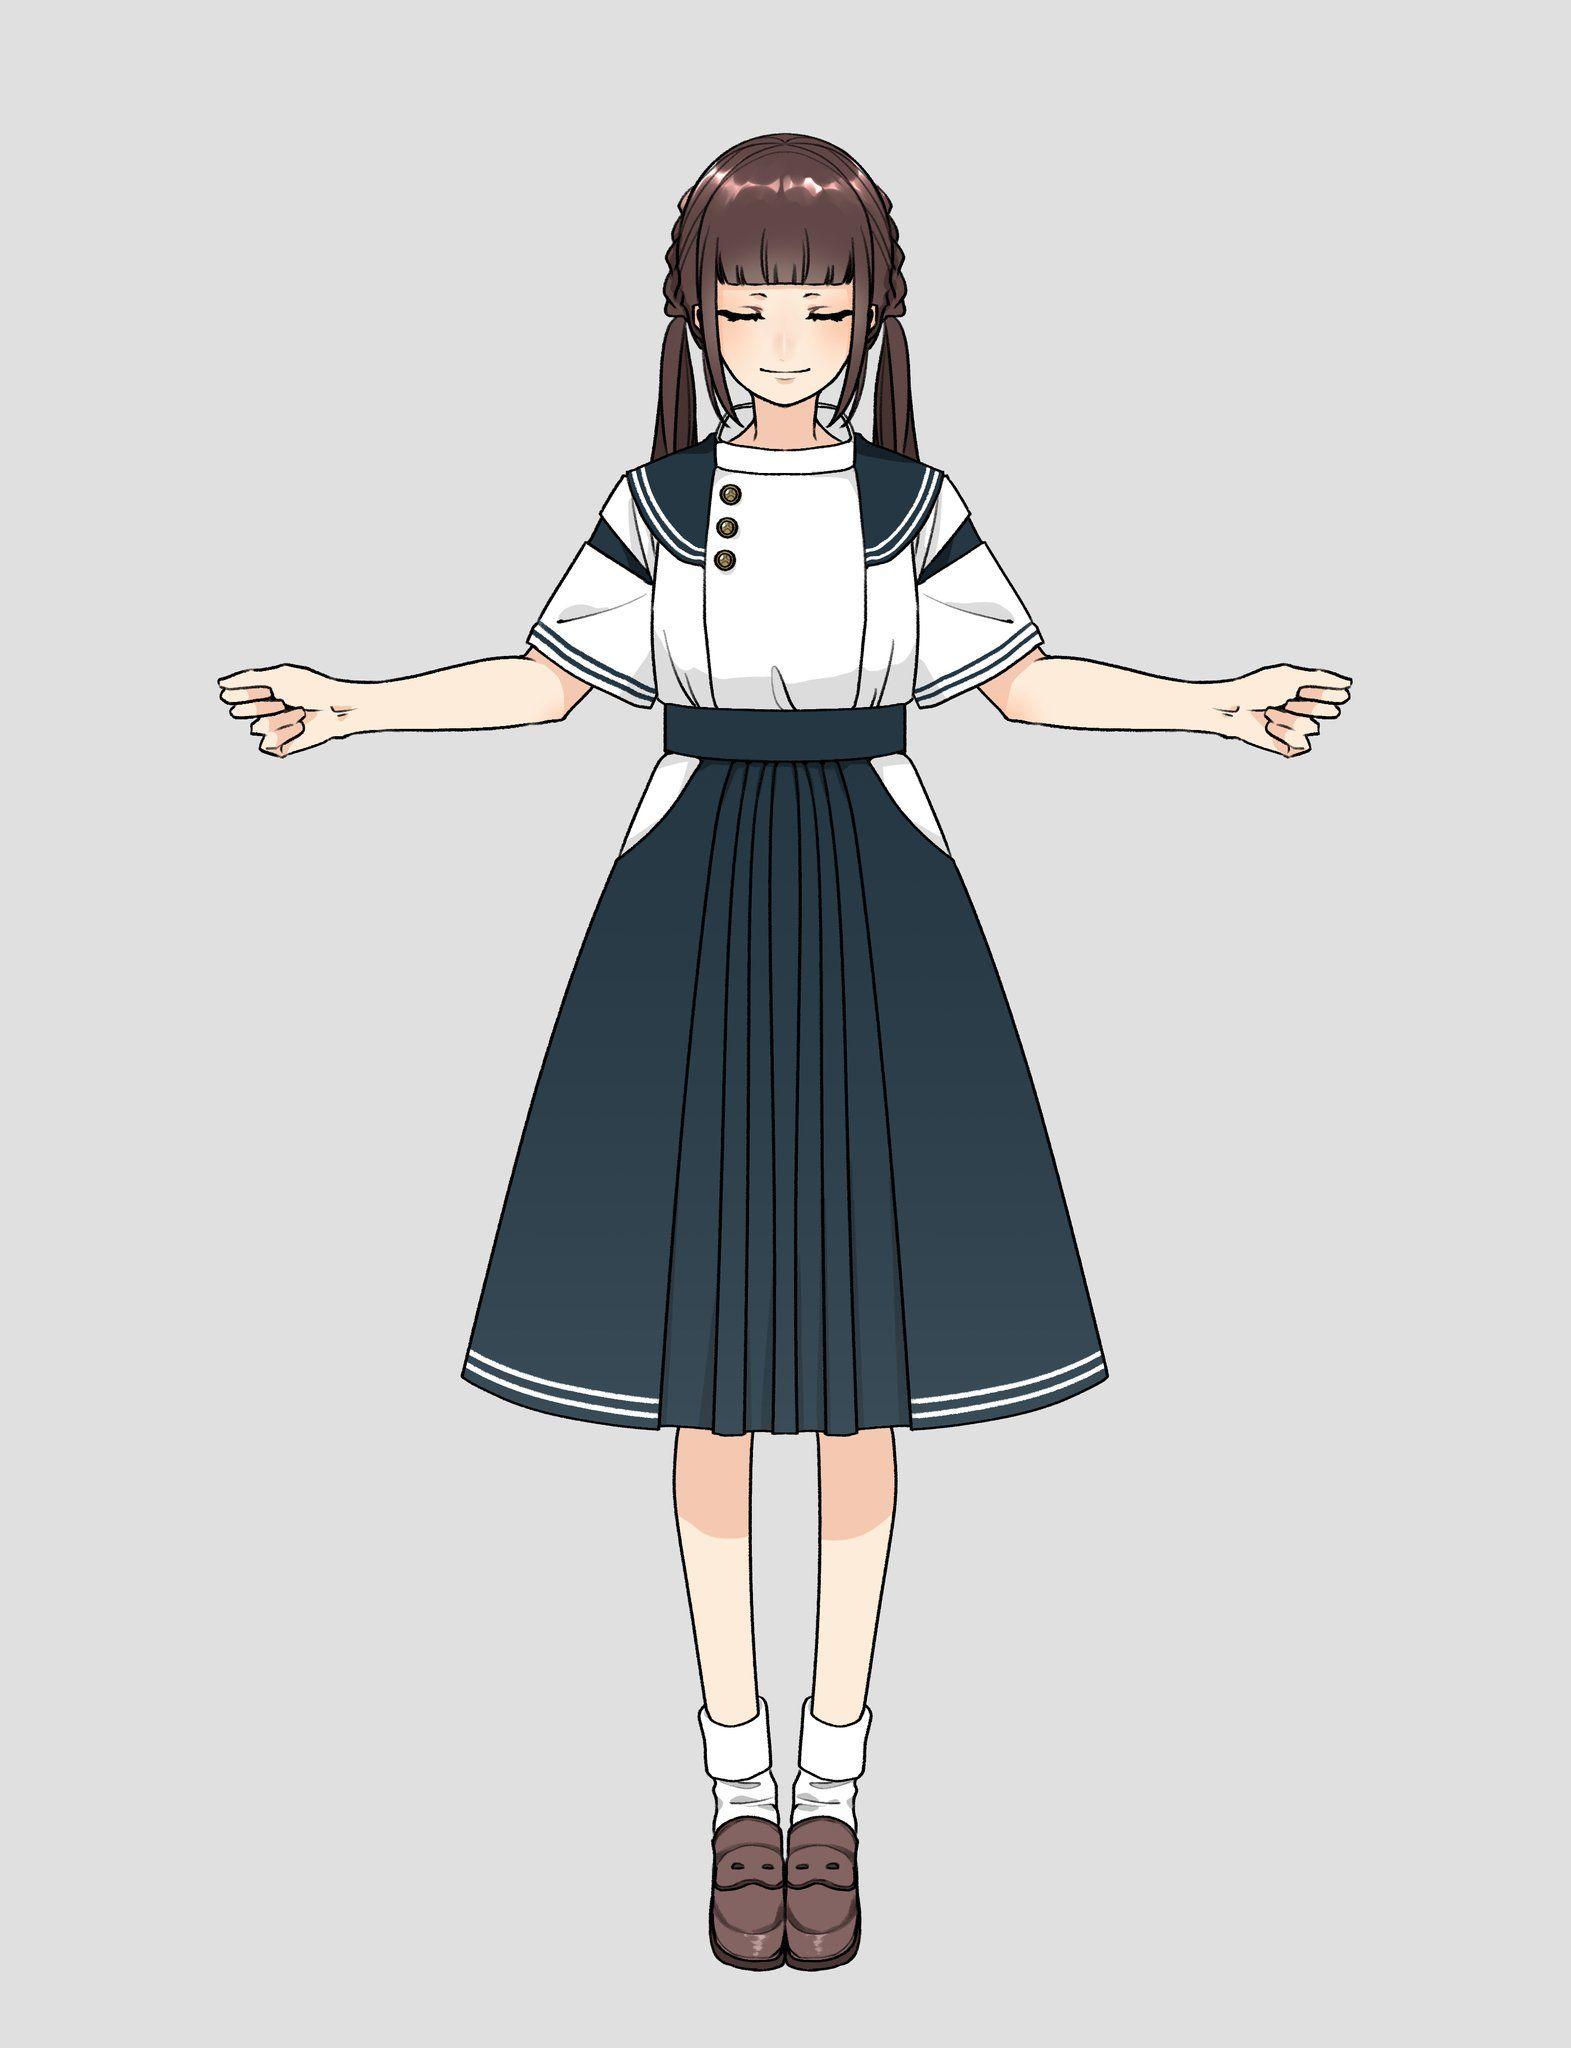 花月 On マンガの服 ドレス かわいい コスチュームデザイン